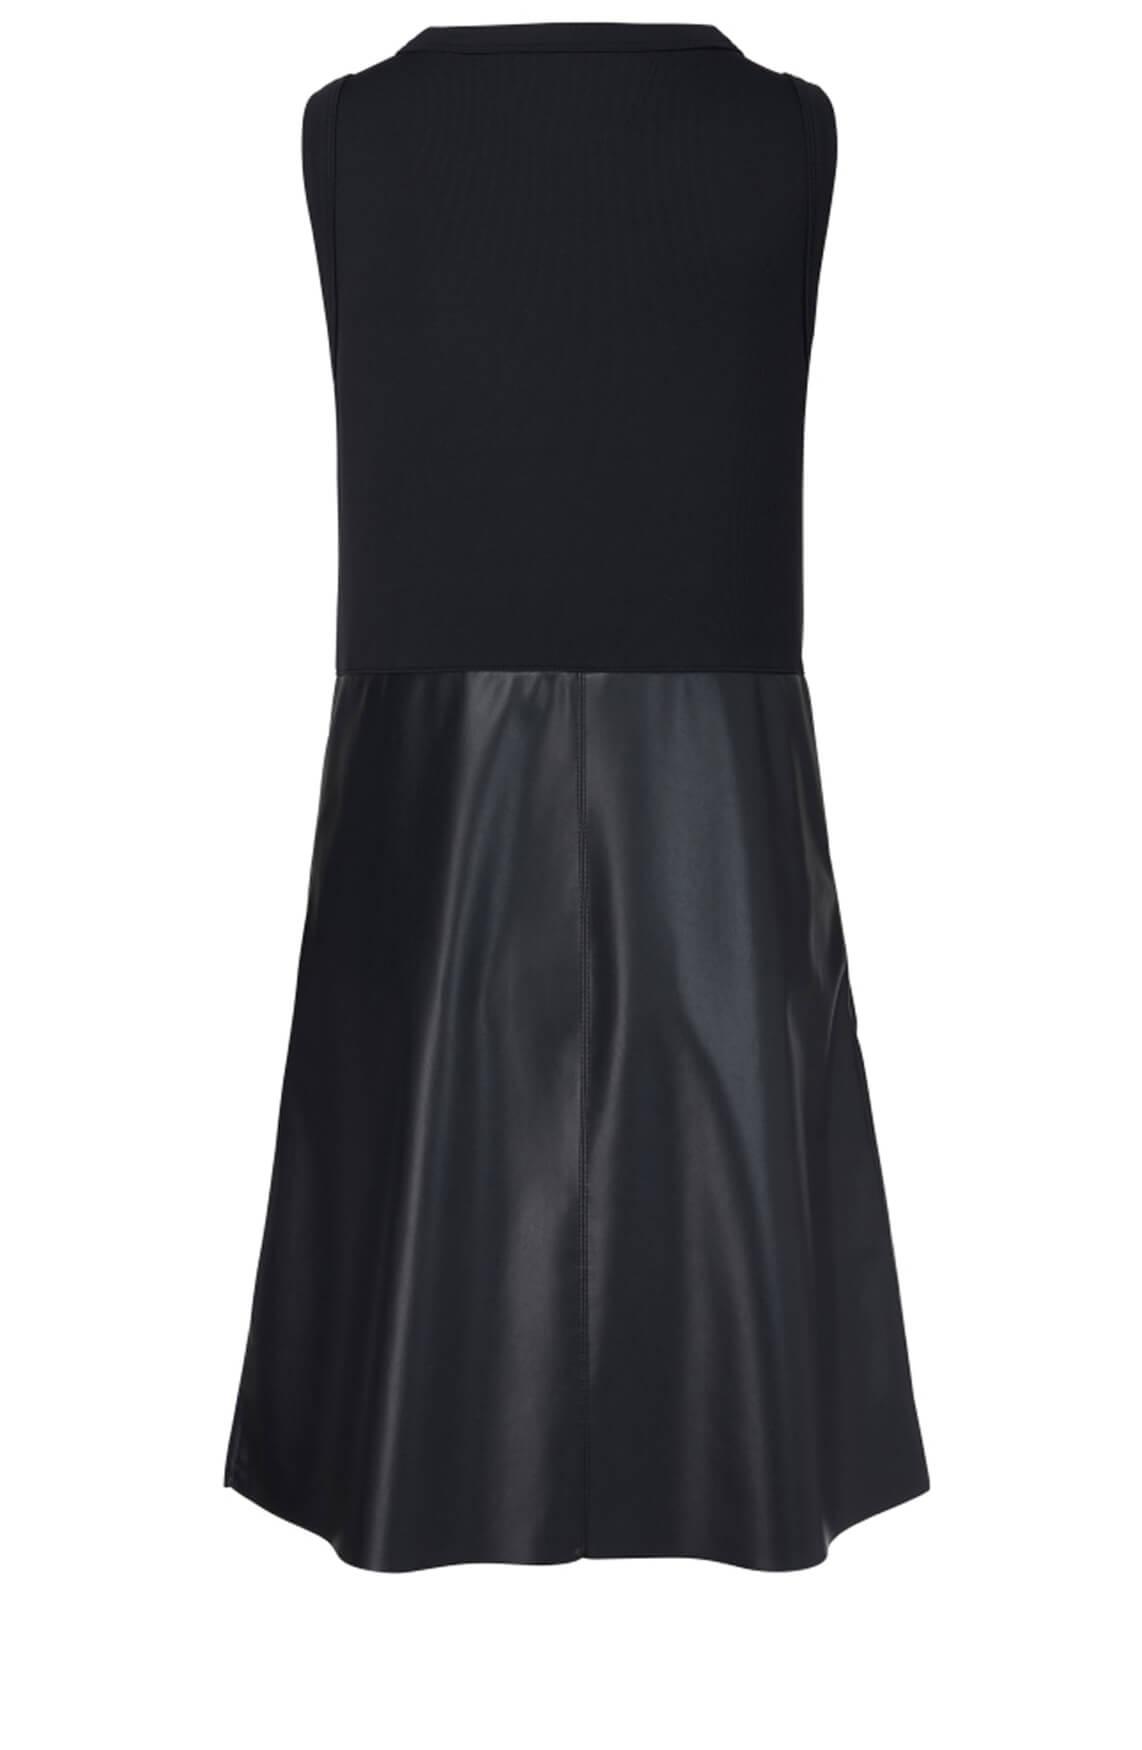 Marccain Sports Dames Imitatie nappa jurk Blauw